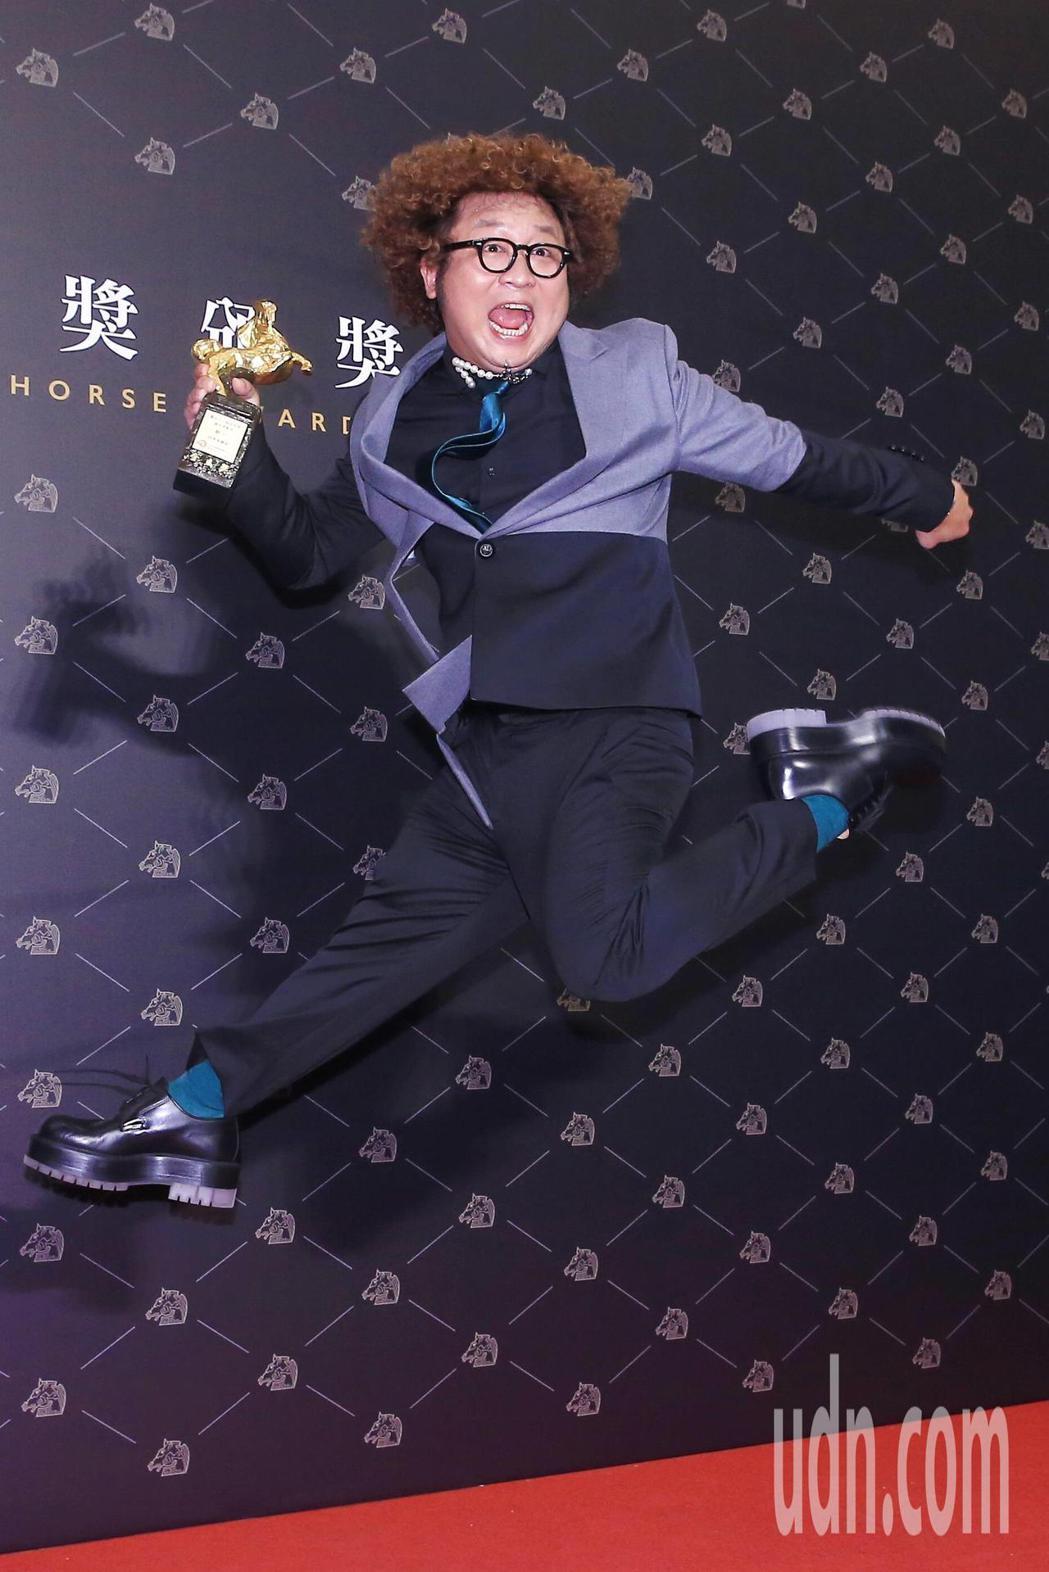 第57屆金馬獎頒獎典禮在國父紀念館舉行,納豆以《同學麥娜絲》獲頒最佳男配角。記者